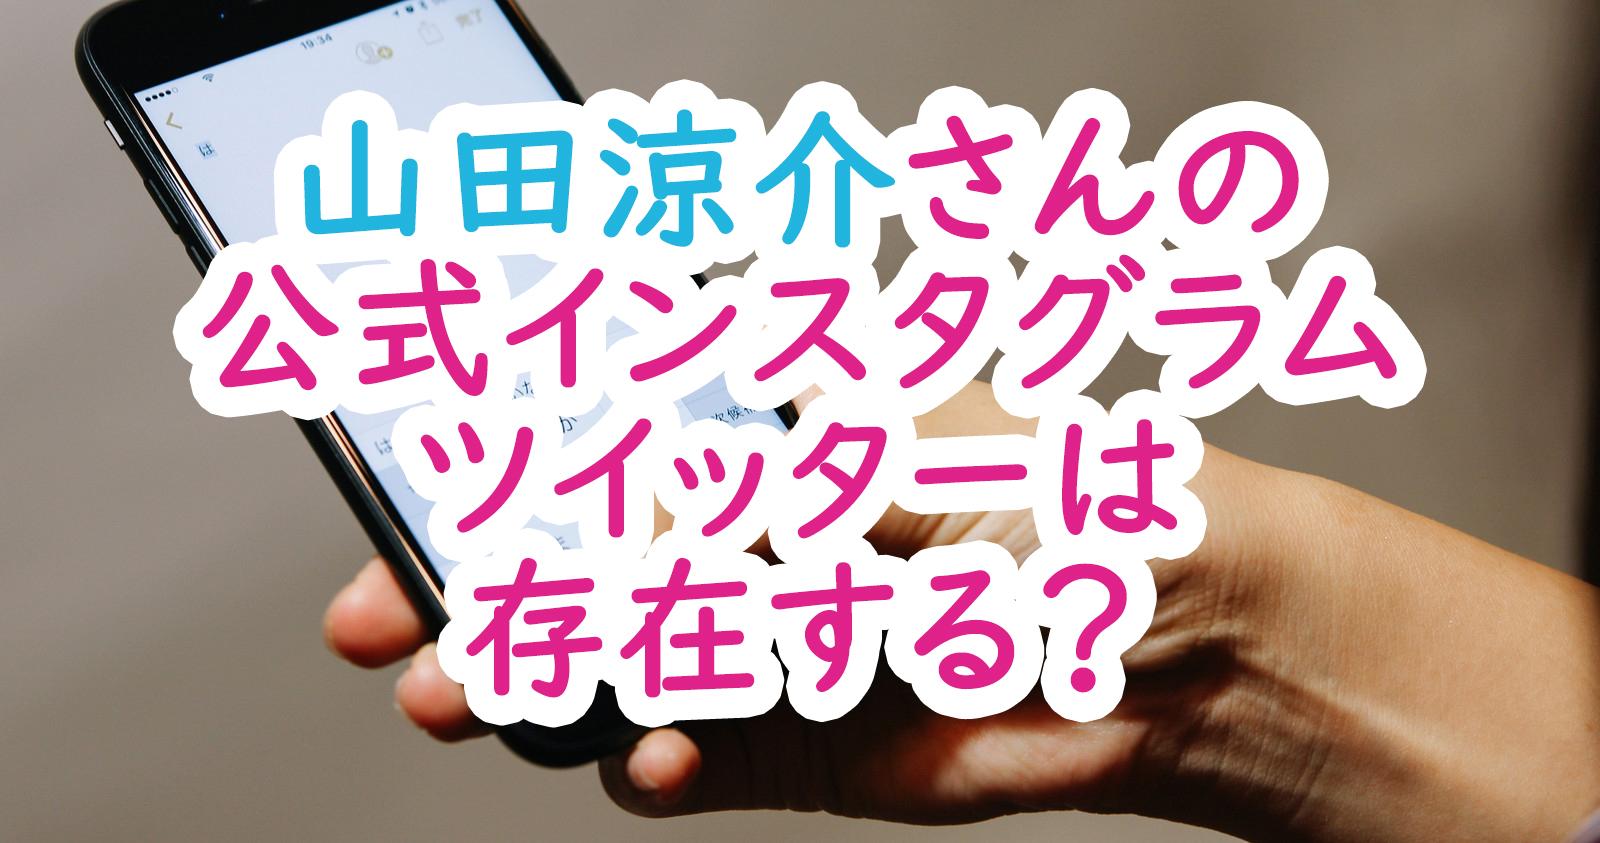 山田涼介さんの公式インスタグラムはツイッターは存在する うさぎ